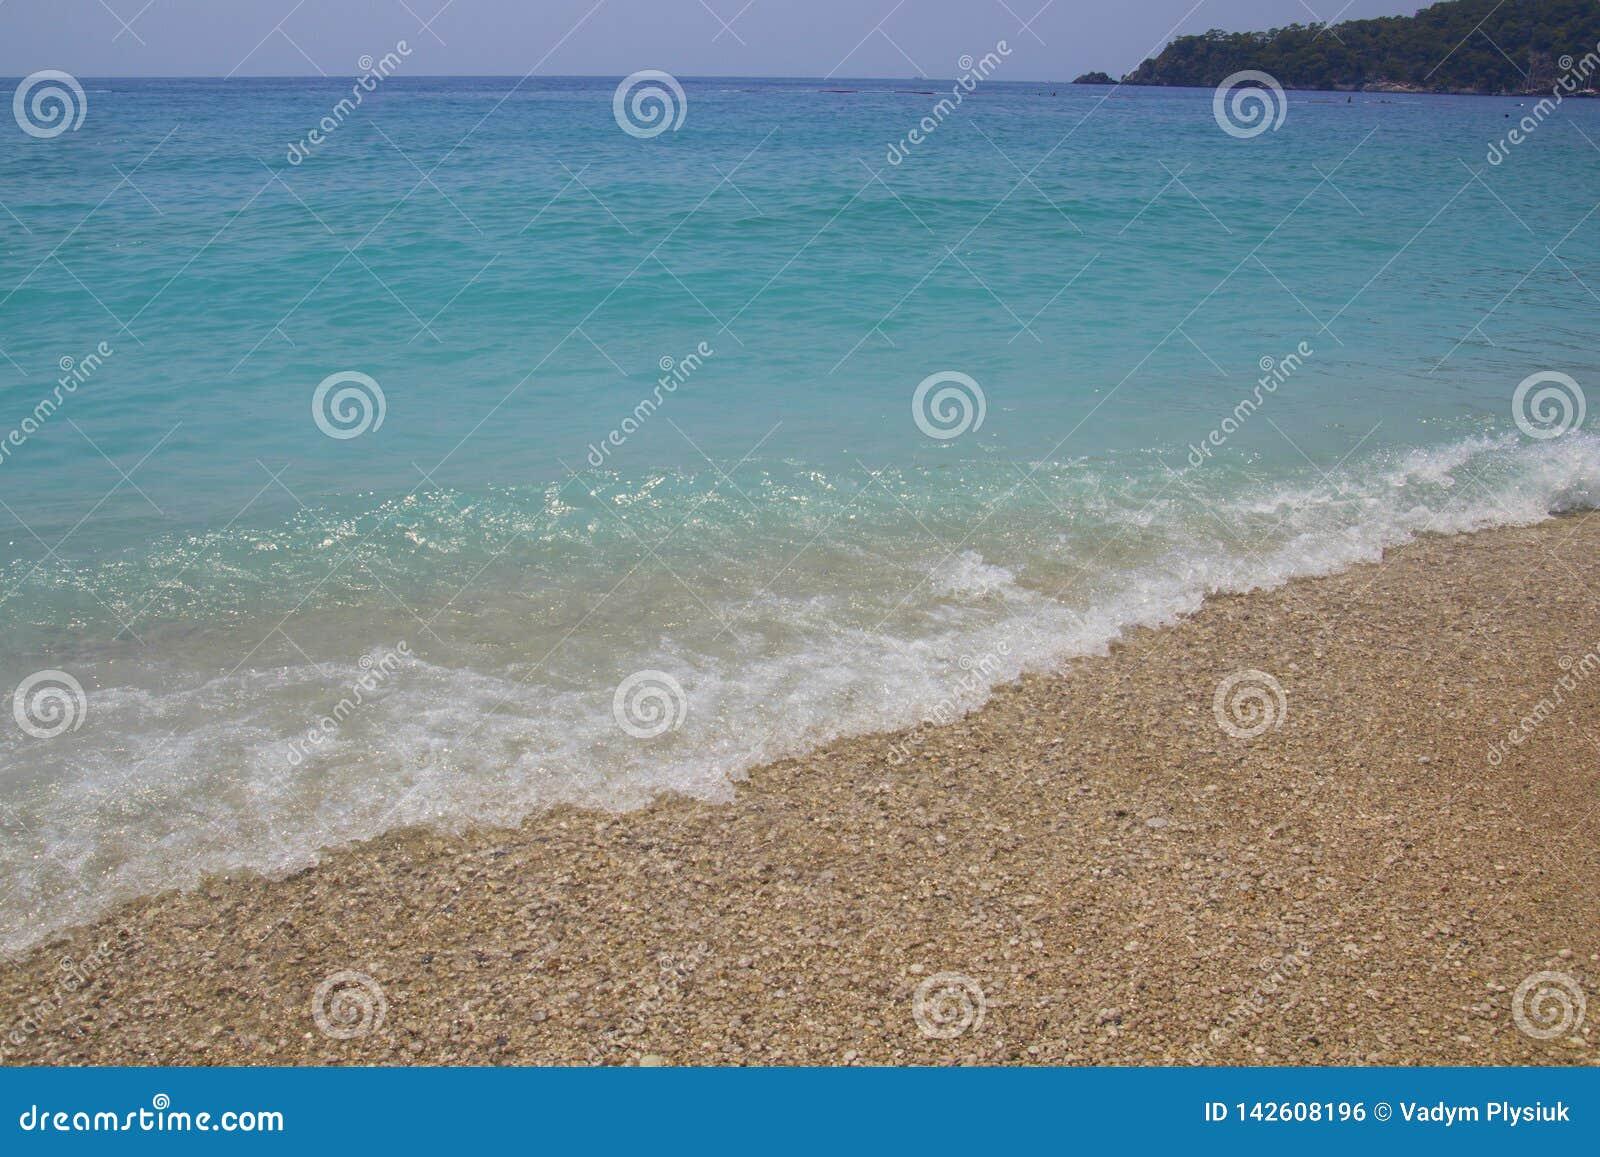 Blått vatten med havsskum Små vågor kommer till kusten Turkosvatten med vita kiselstenar på stranden Havslinjen möter